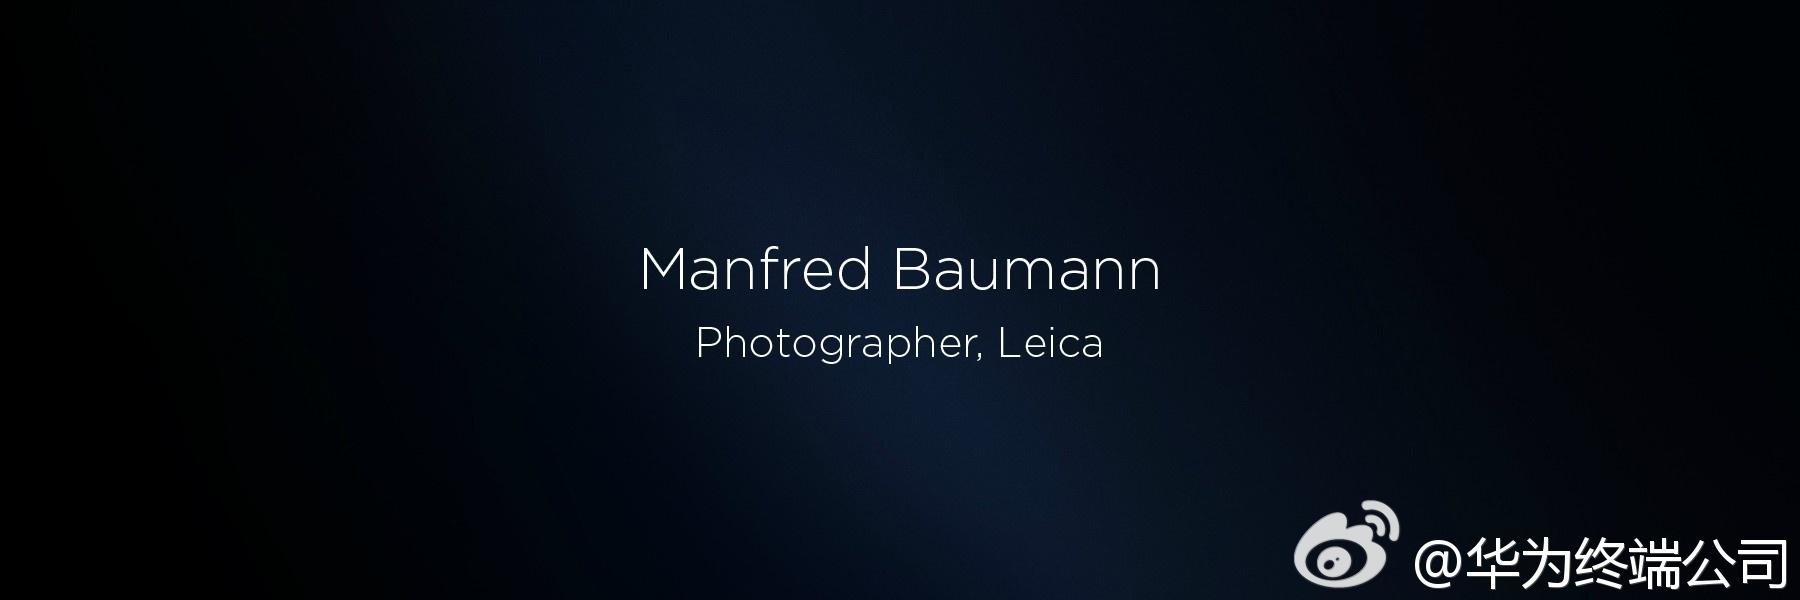 #华为MWC2017#徕卡摄影师Manfred Baumann来到了发布会现场!曾给众多国际影视明星